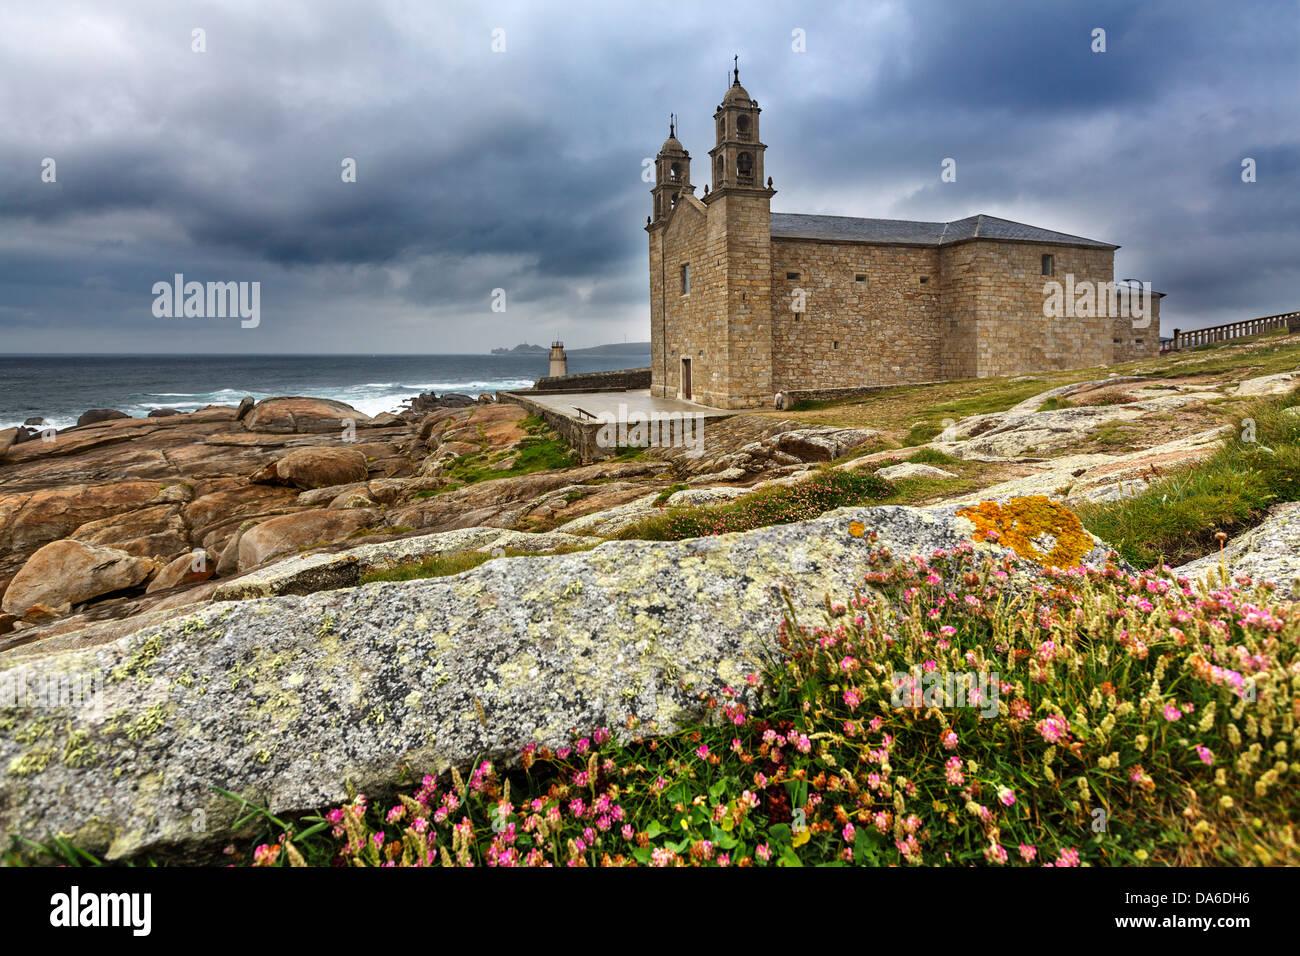 Camino Xacobeo de Santiago Santuario Virgen de A Barca Muxia Costa de la Muerte La Coruña Galicia Spain - Stock Image